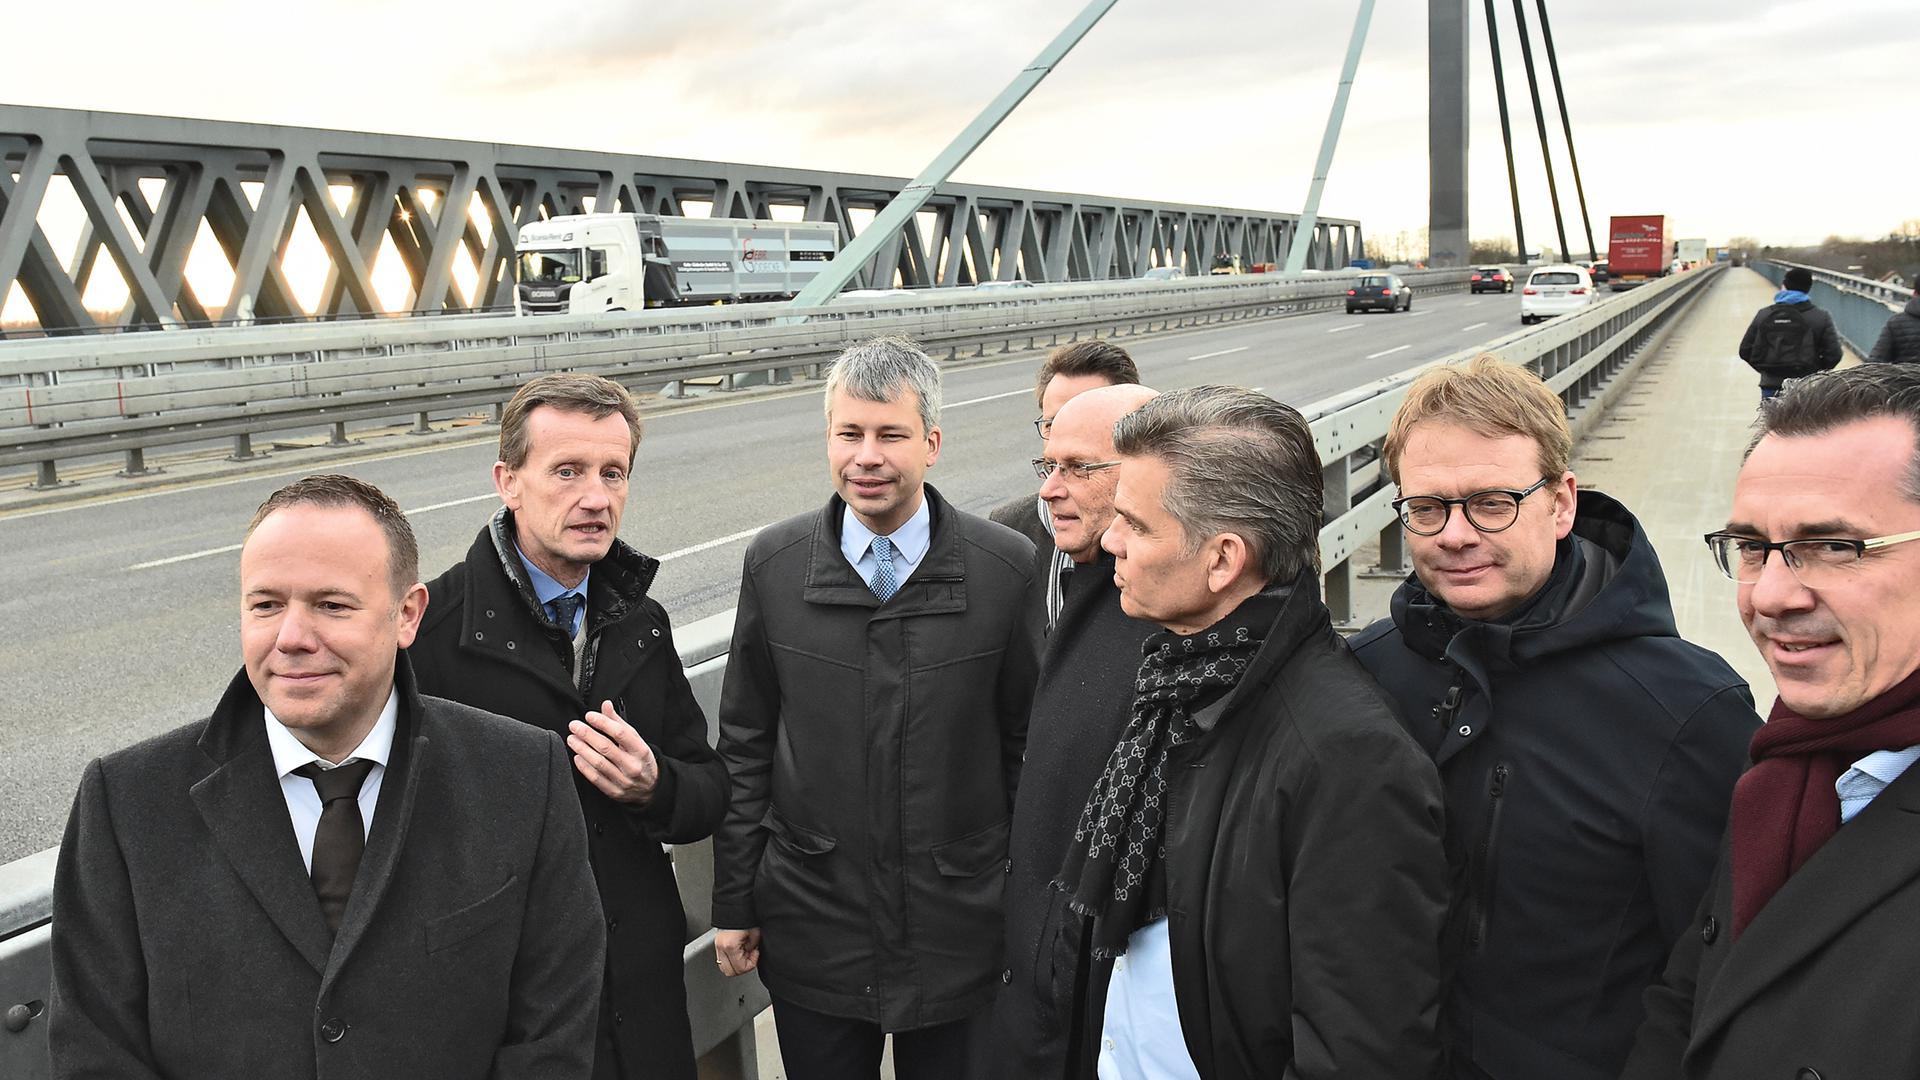 Pläne bekräftigt: Der Parlamentarische Staatssekretär im Bundesverkehrsministerium, Steffen Bilger (Dritter von links) sprach sich bei der Besichtigung der sanierten Rheinbrücke Maxau klar für ein zweites Exemplar aus.